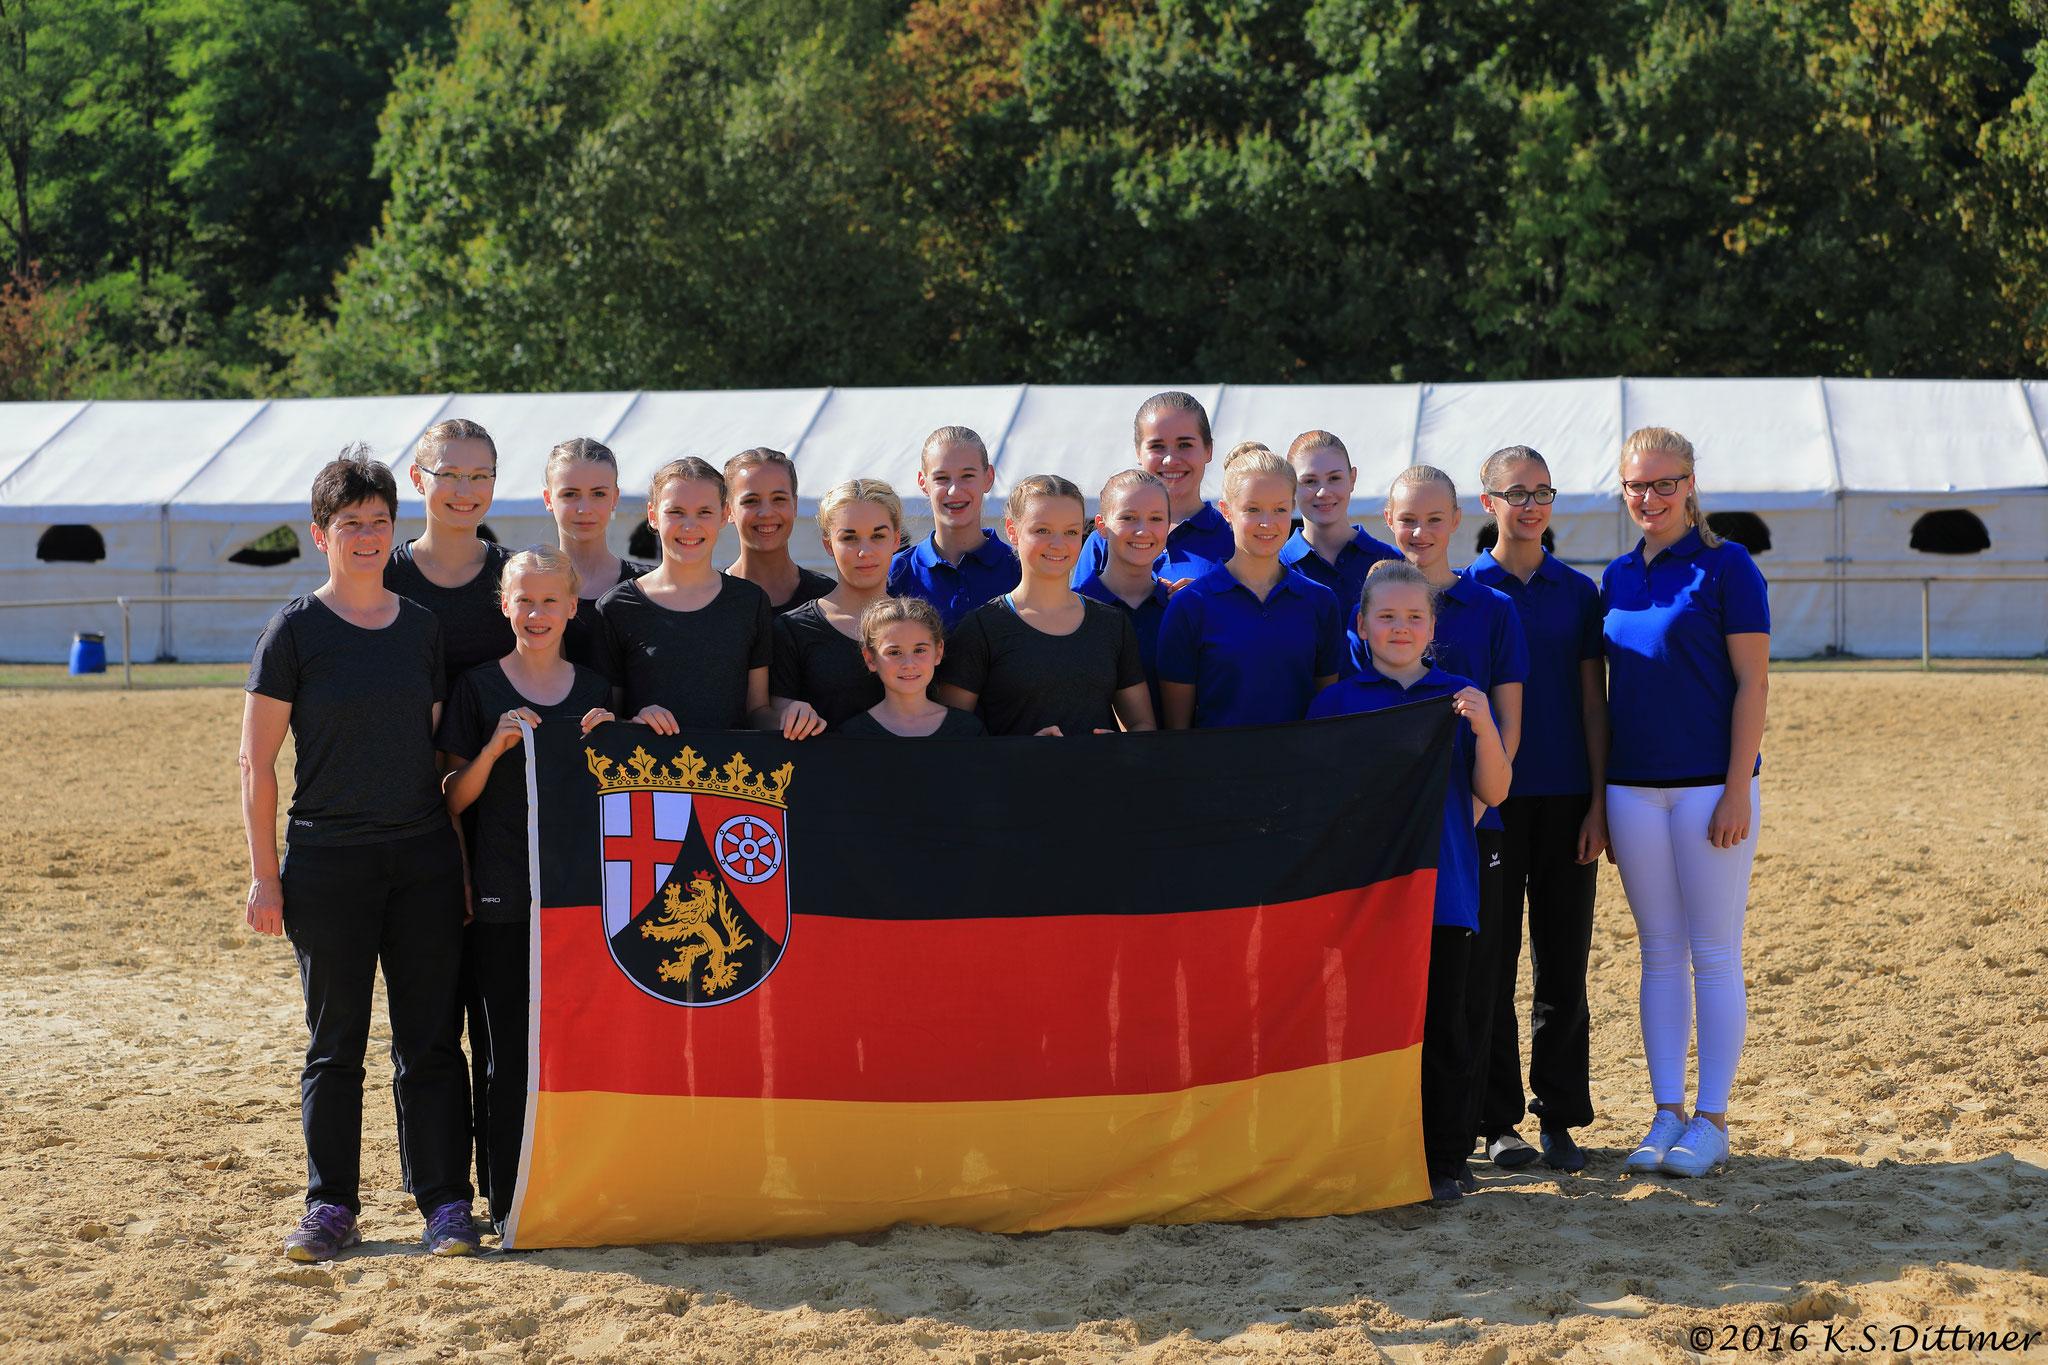 5-Ländervergleichswettkampf Heiligenwald 2016 - L-Gruppe Bad Ems 1 und A-Gruppe Bad Ems 2